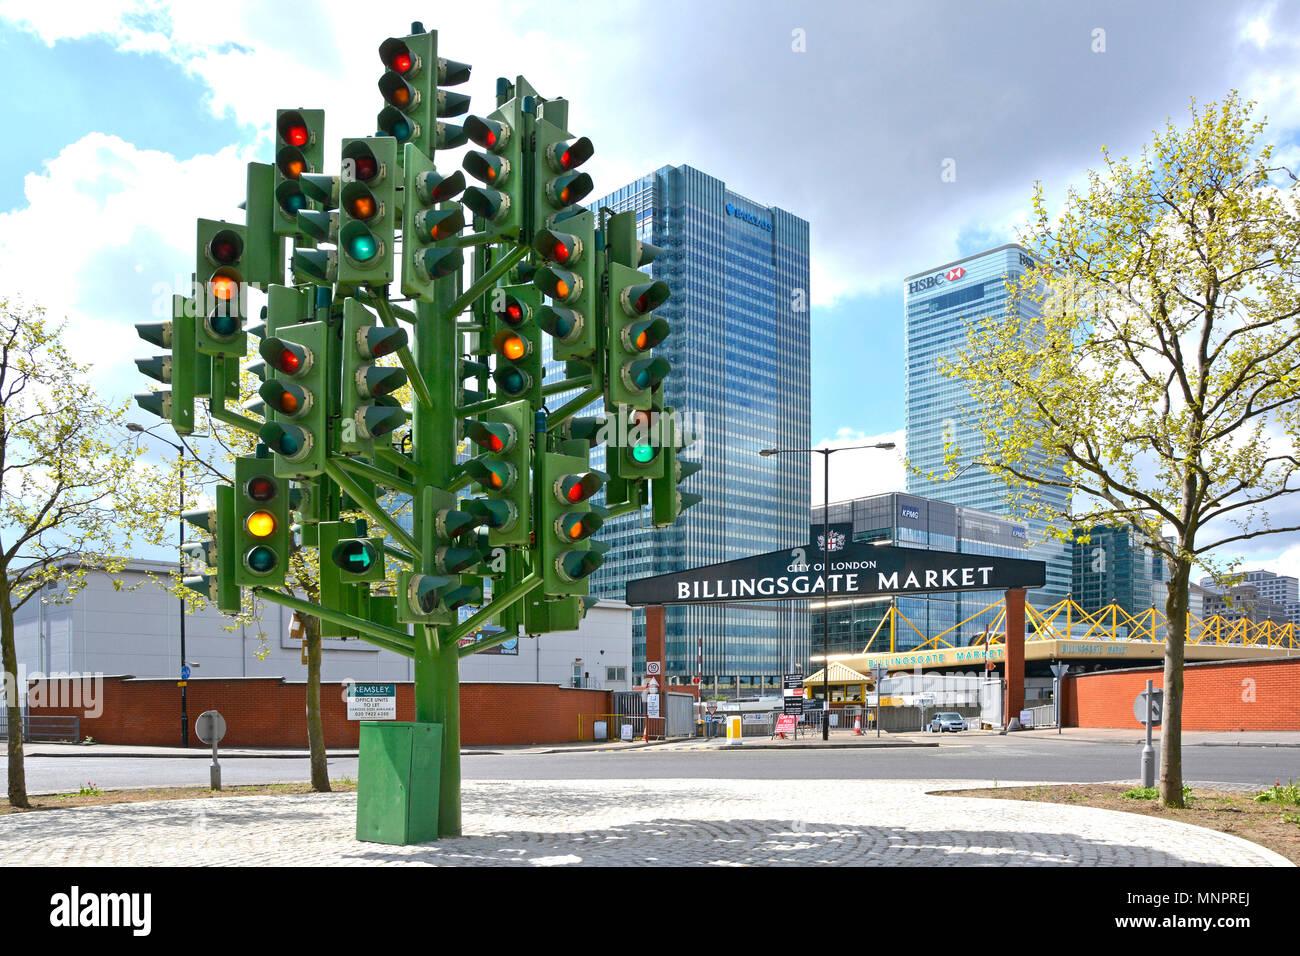 Traffic lights in East London street scene Traffic Light Tree public street art modern sculpture by Pierre Vivant Billingsgate market Isle of Dogs UK - Stock Image